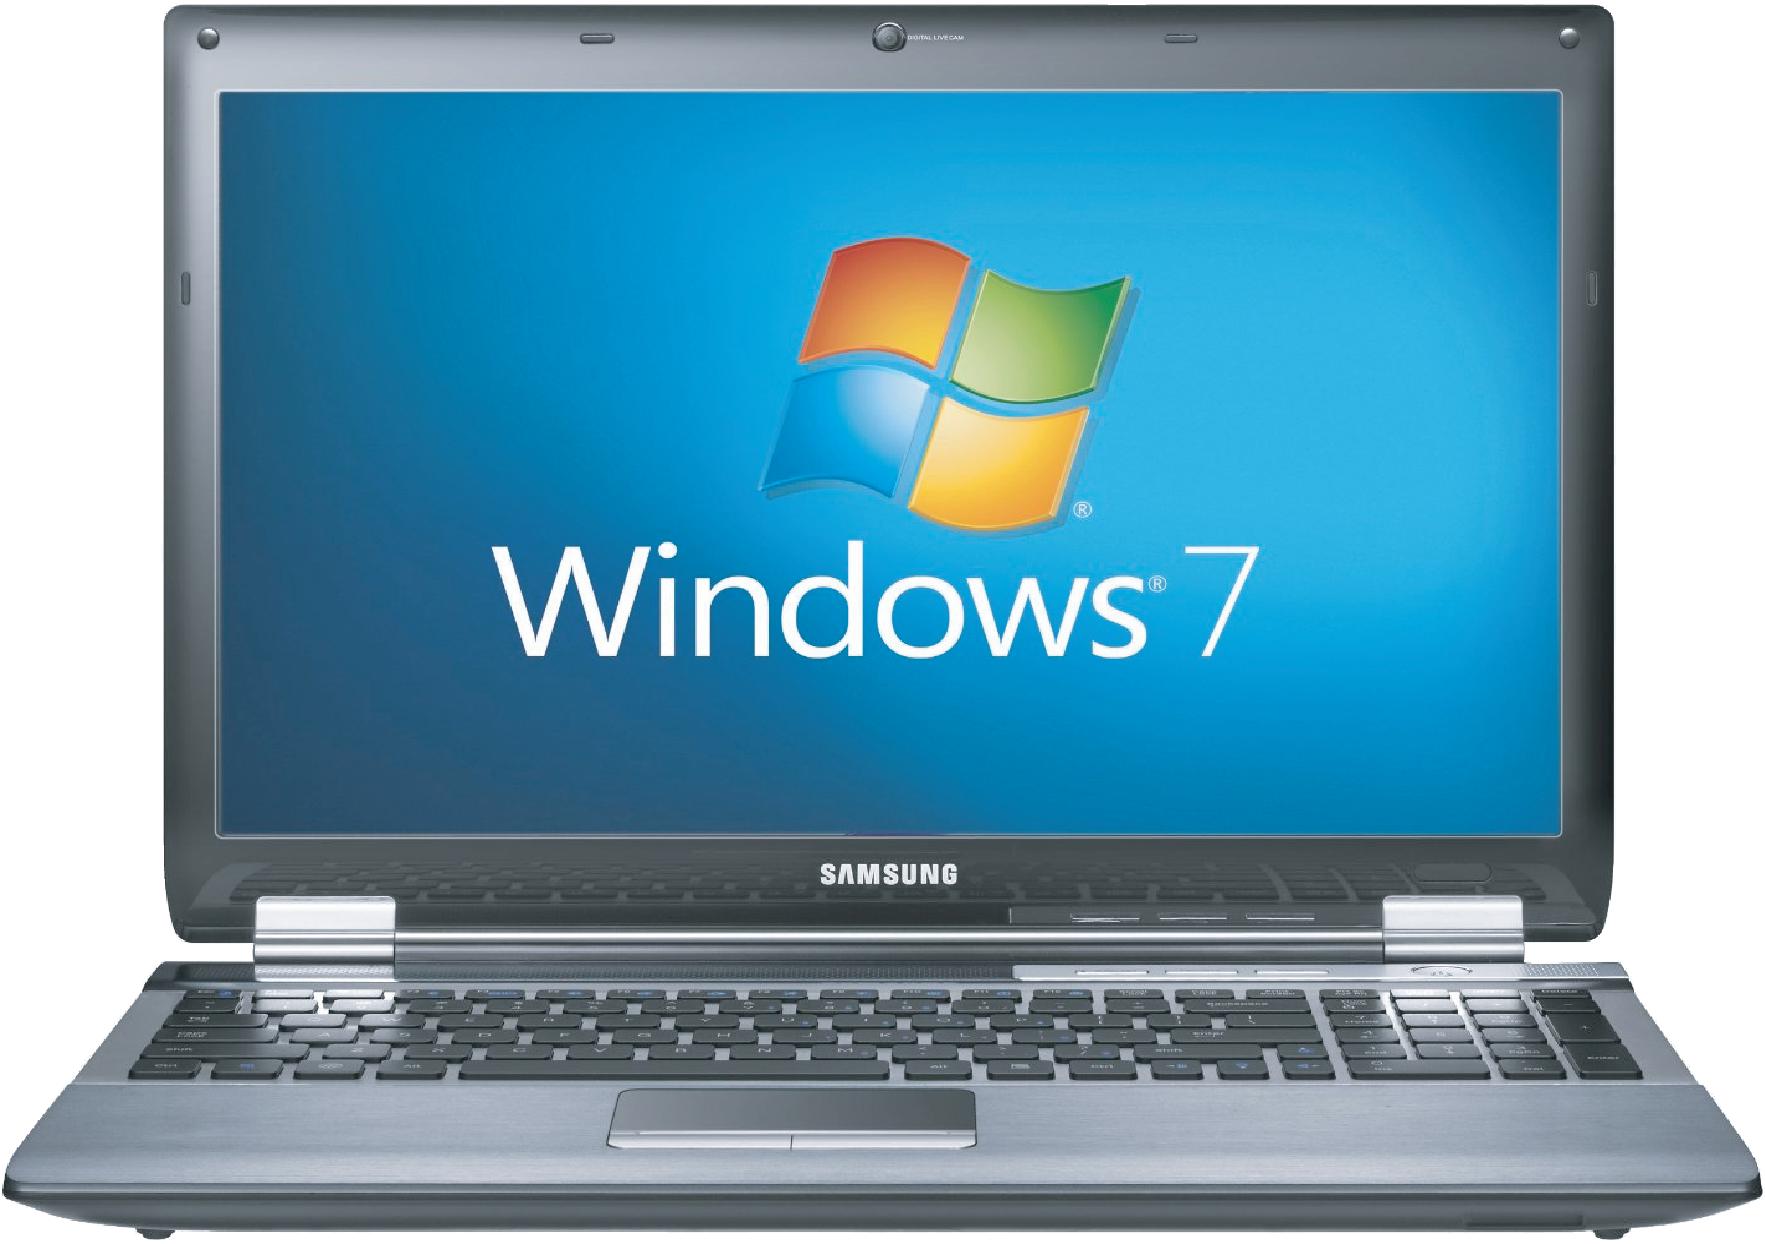 Laptop Png image #6777 - Free PNG Laptop